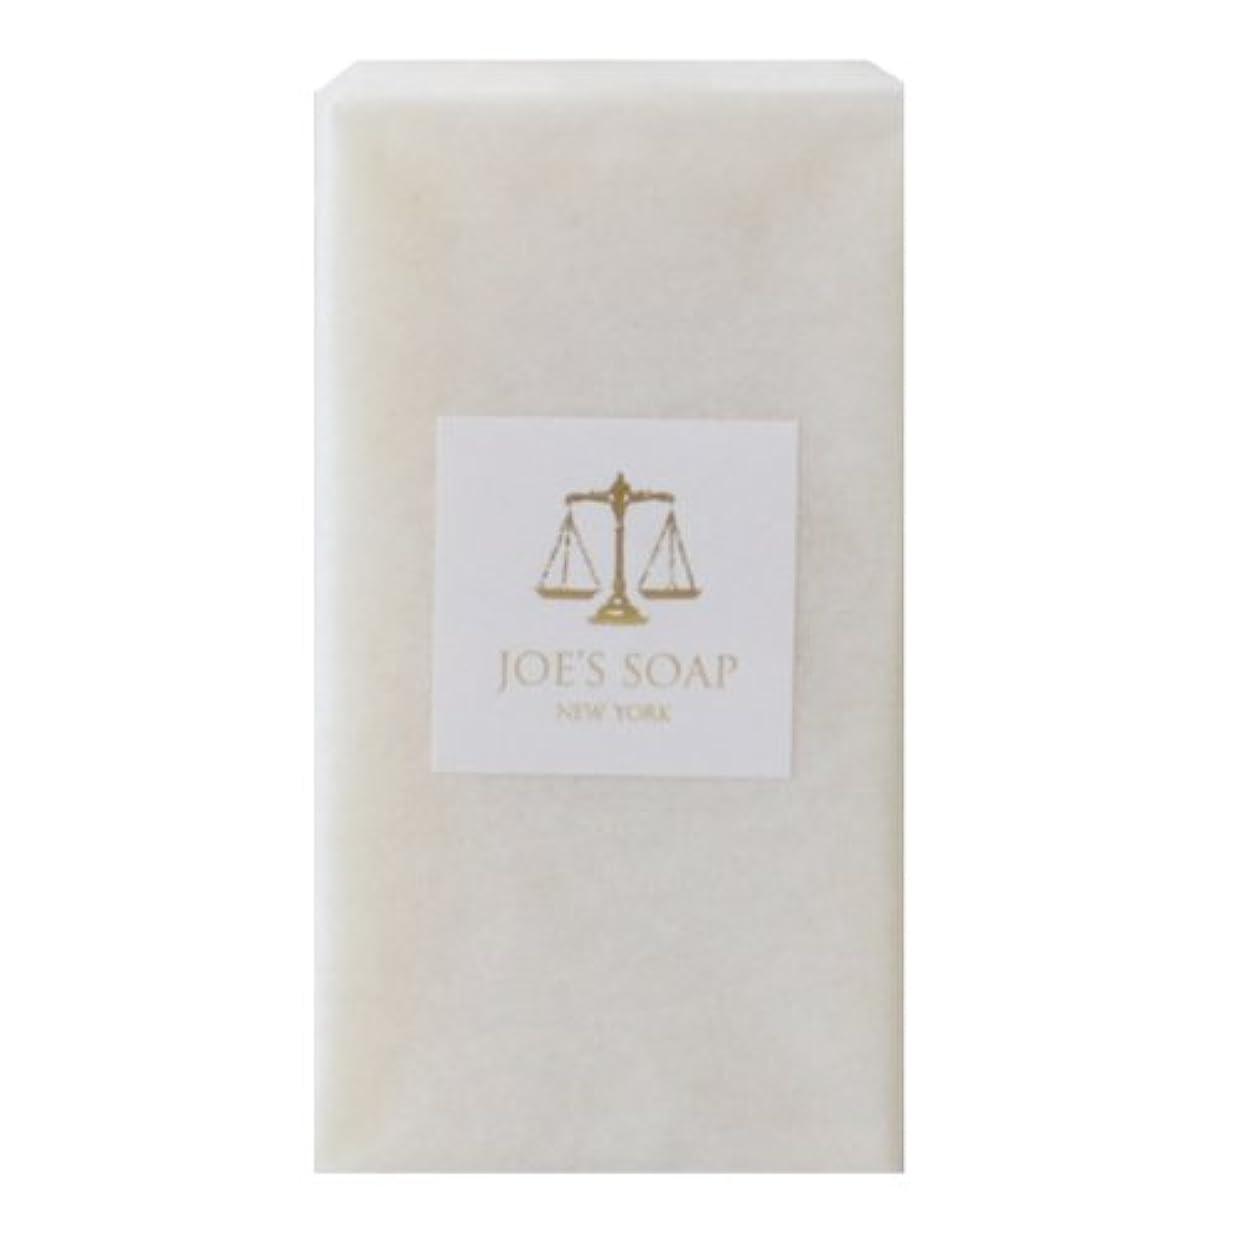 日記評価するコカインJOE'S SOAP ジョーズソープ オリーブソープ NO.1 100g 石鹸 無香料 無添加 オーガニックソープ 洗顔料 オリーブ石けん せっけん 固形 定形外郵便